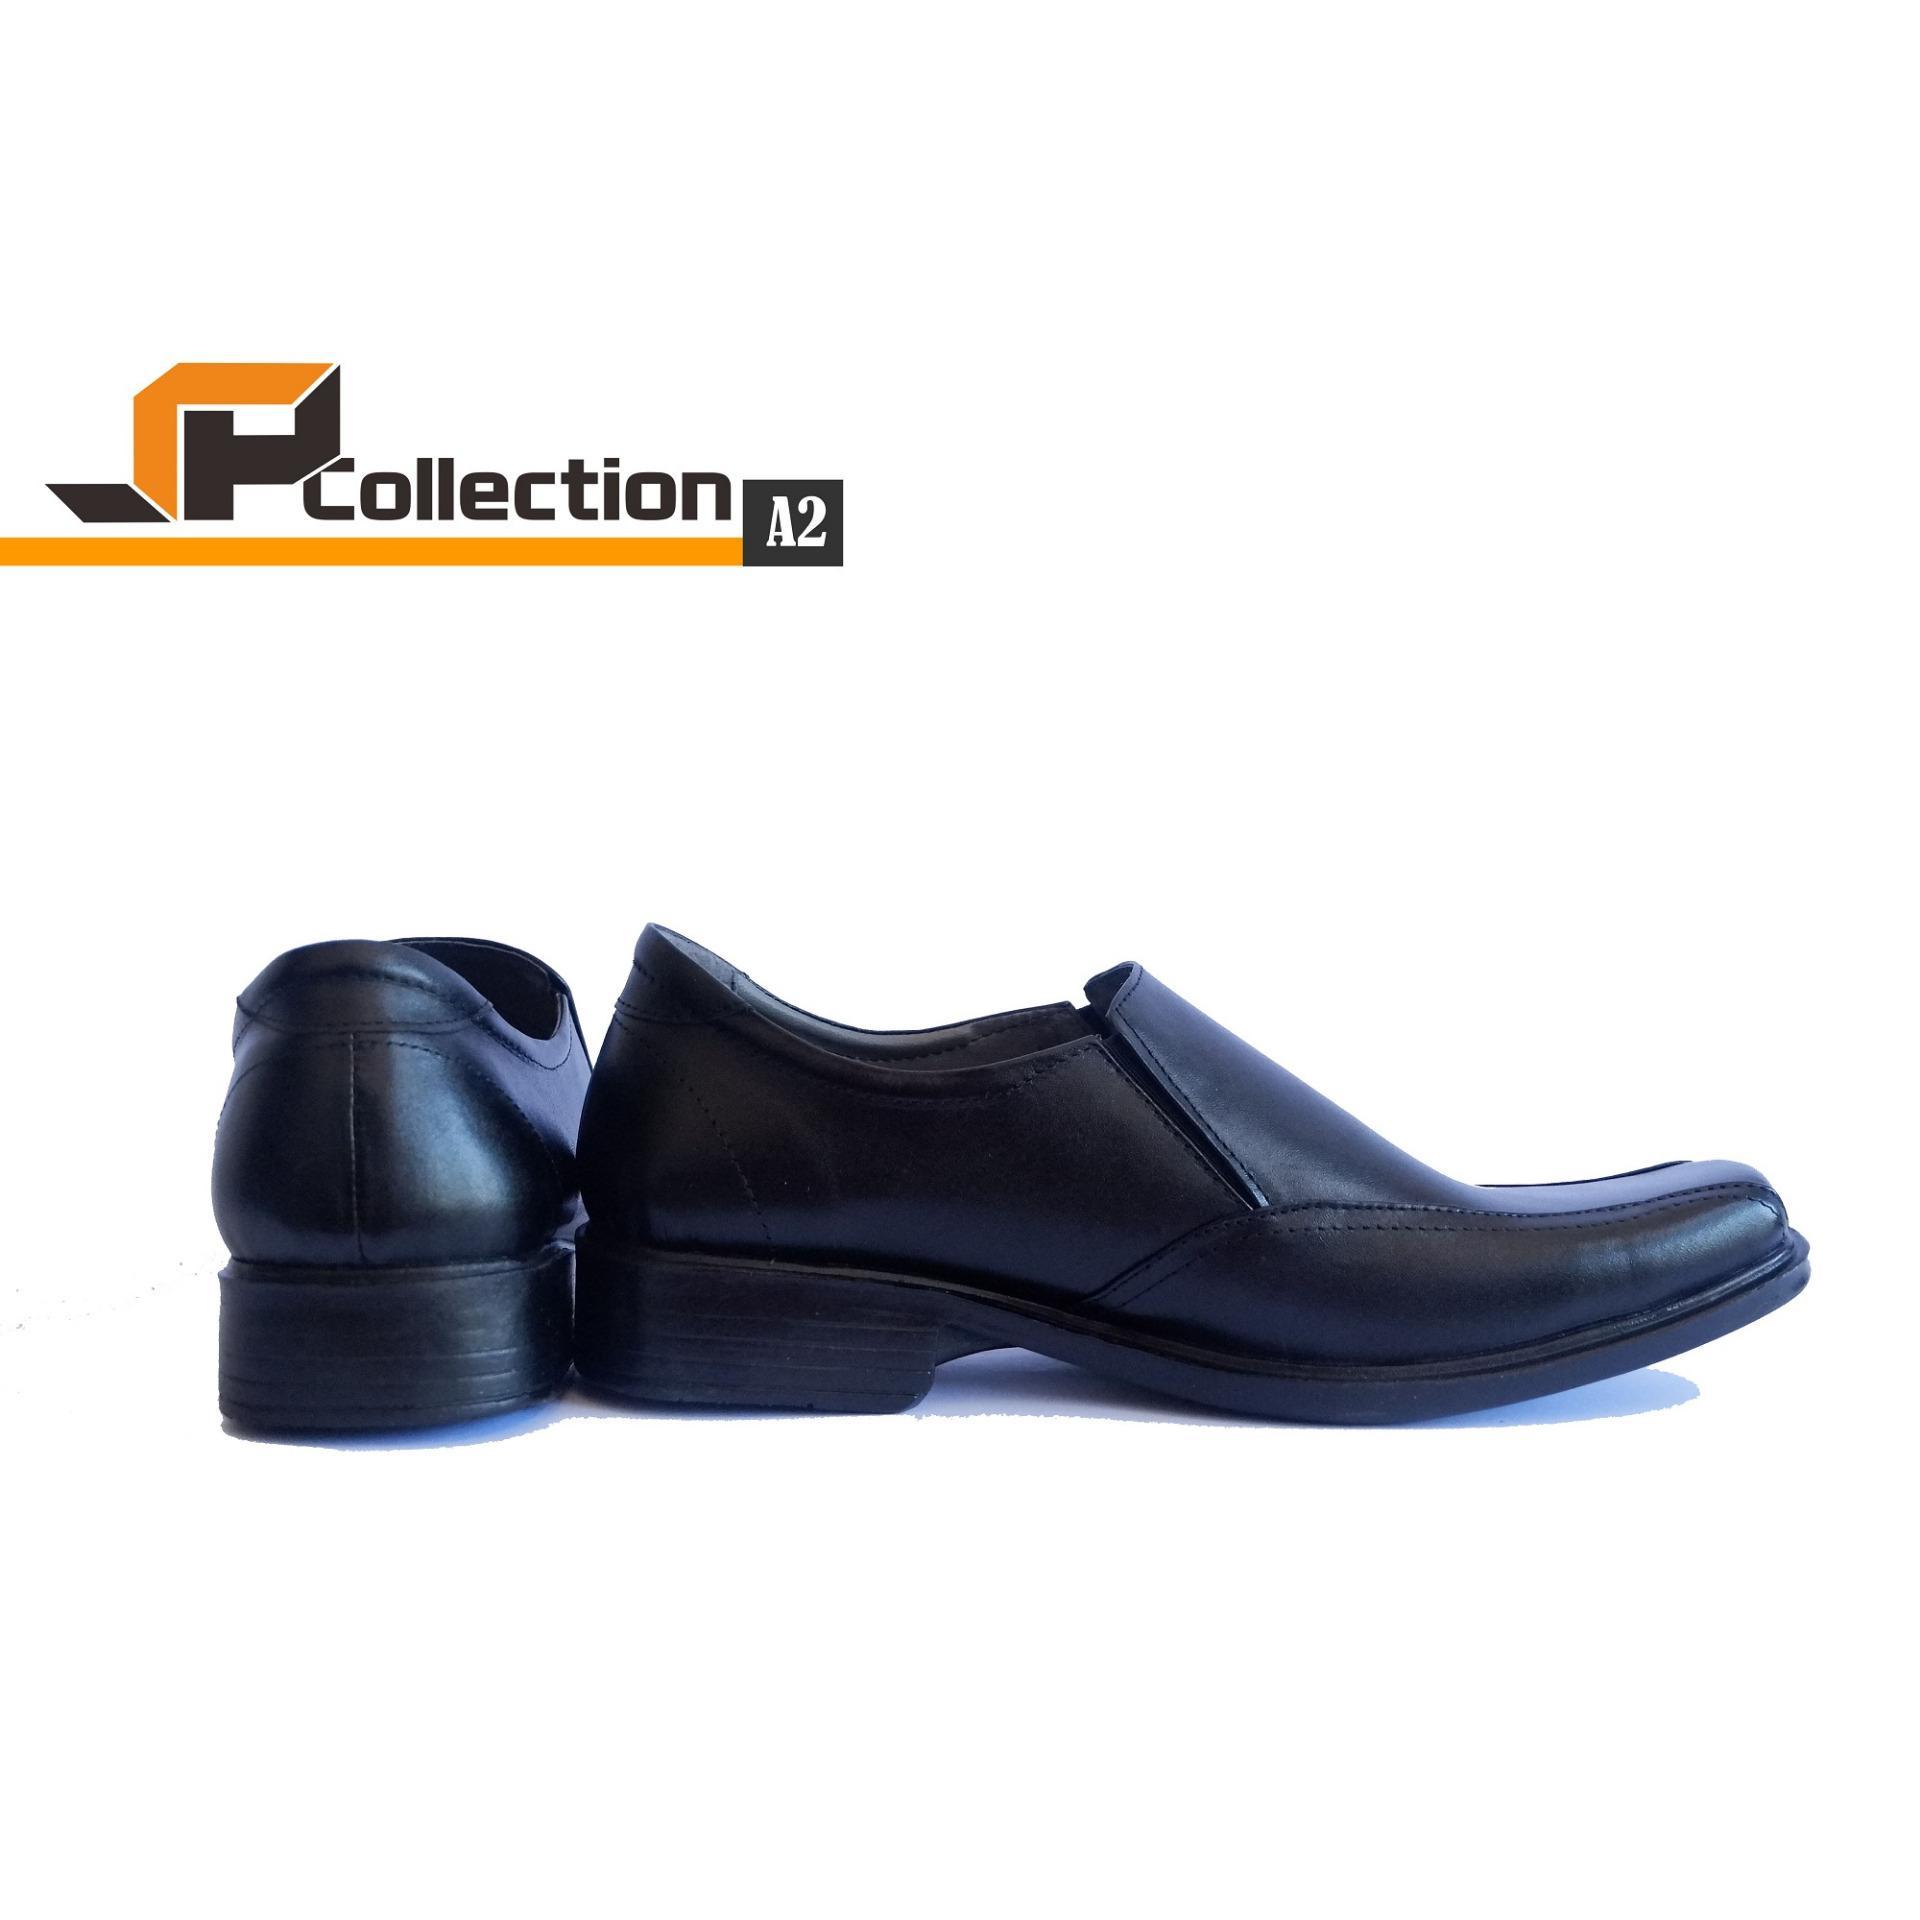 ... SPATOO Sepatu Pantofel A2 Bahan Kulit Sapi Asli Warna Hitam Untuk Kerja Ke Kantor dan Acara ...